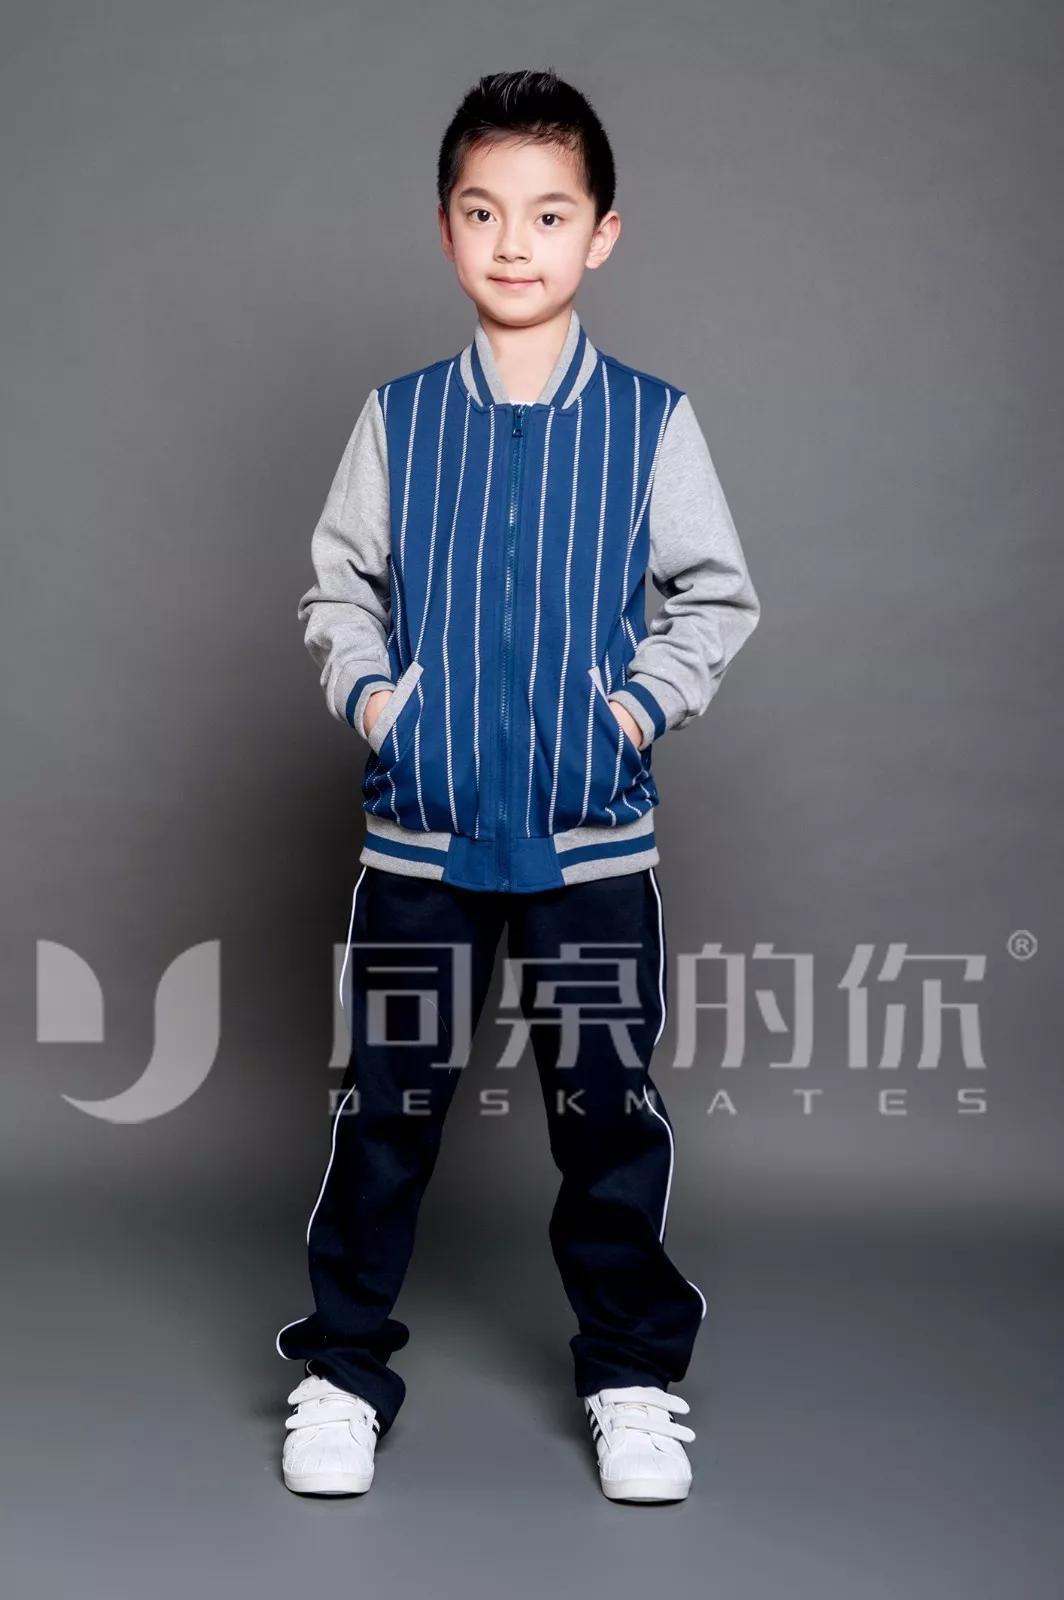 校服图片-校服模板-校服设计素材-图怪兽